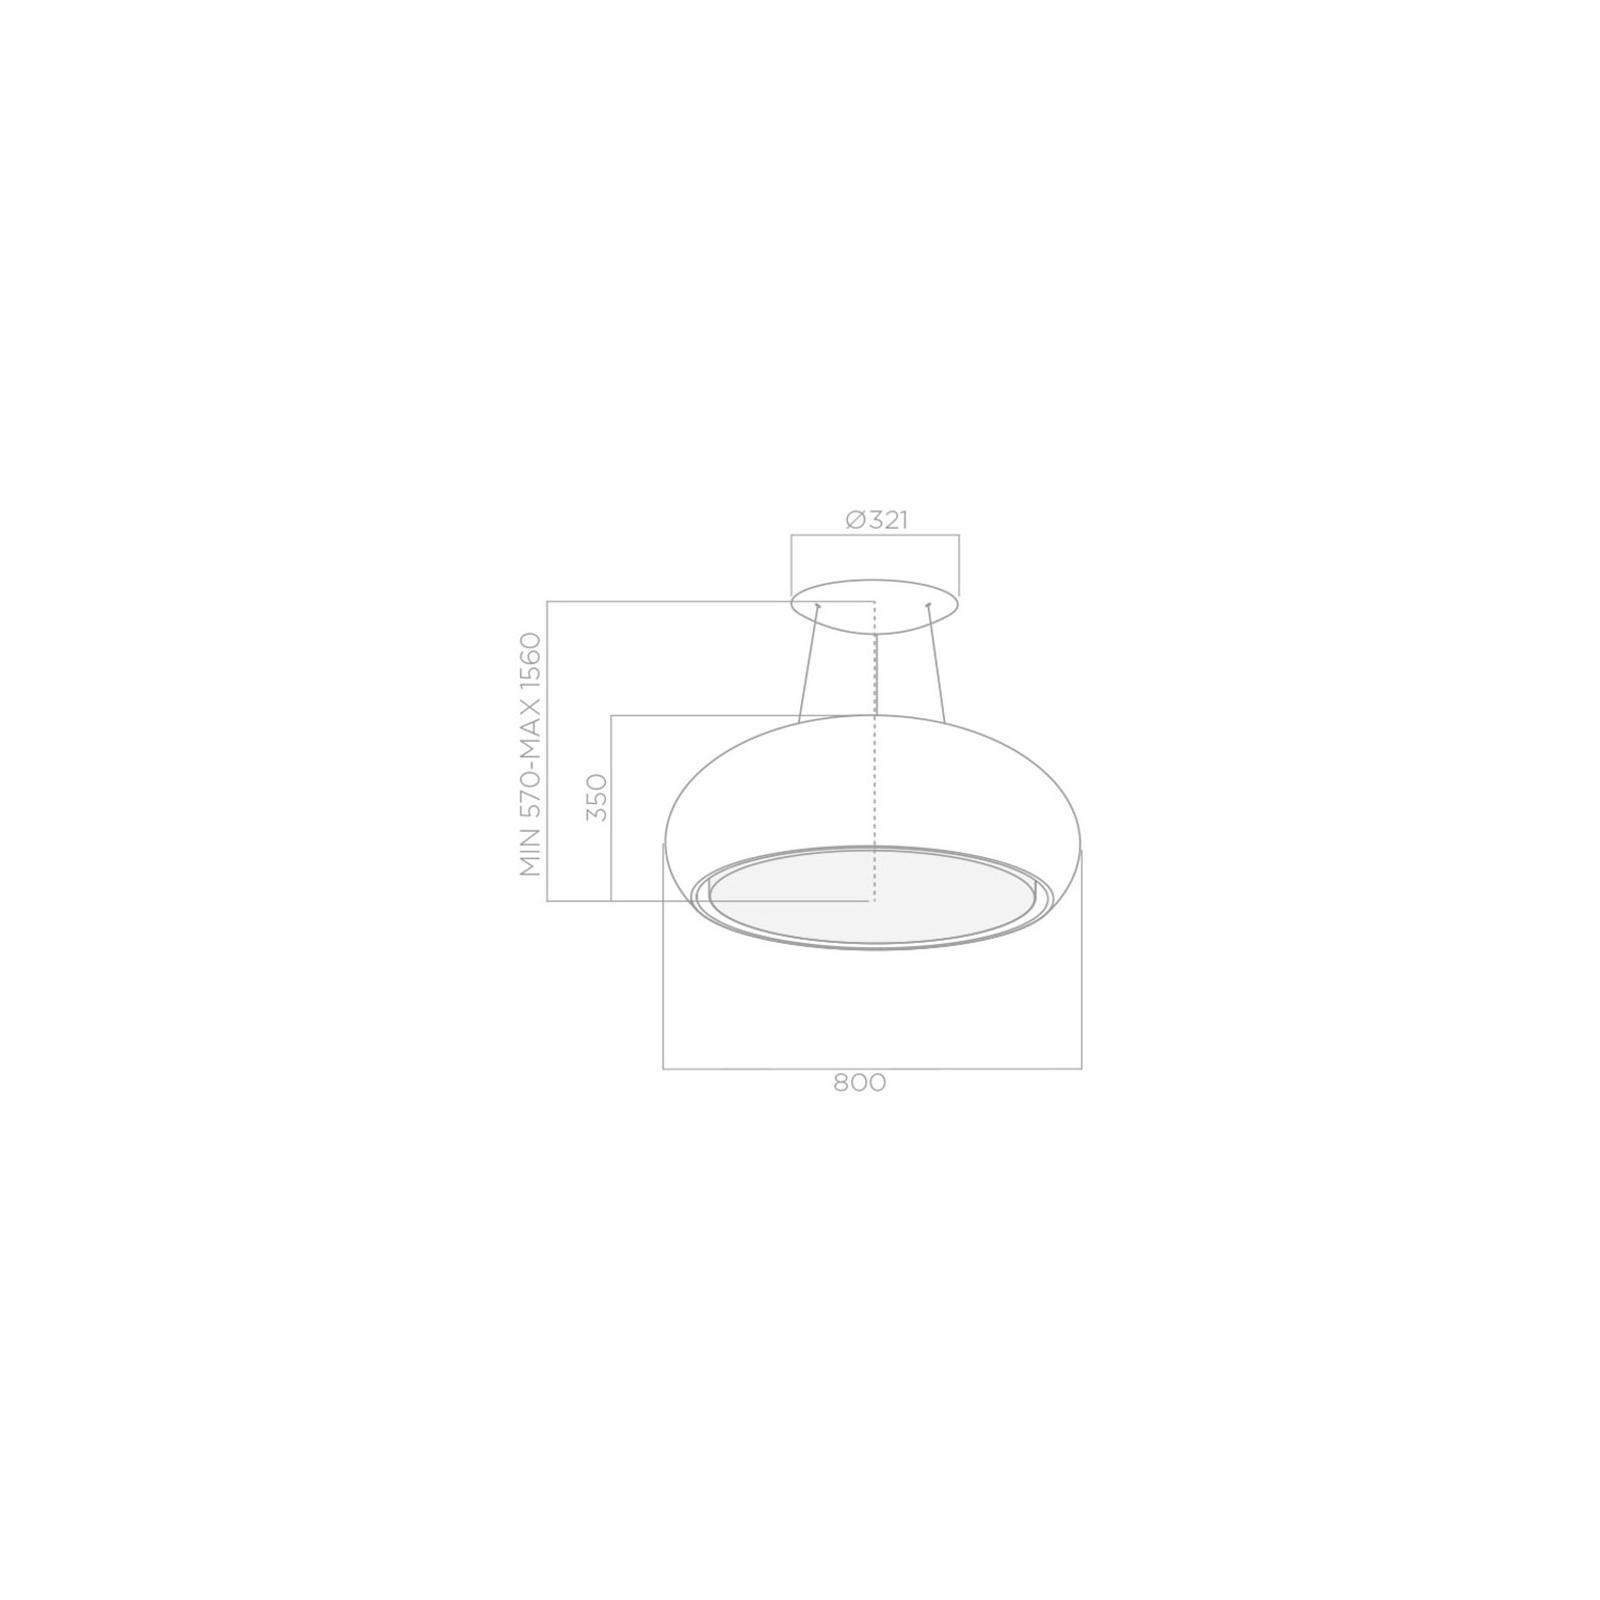 Вытяжка кухонная Elica SEASHELL WH MAT/F/80 изображение 2